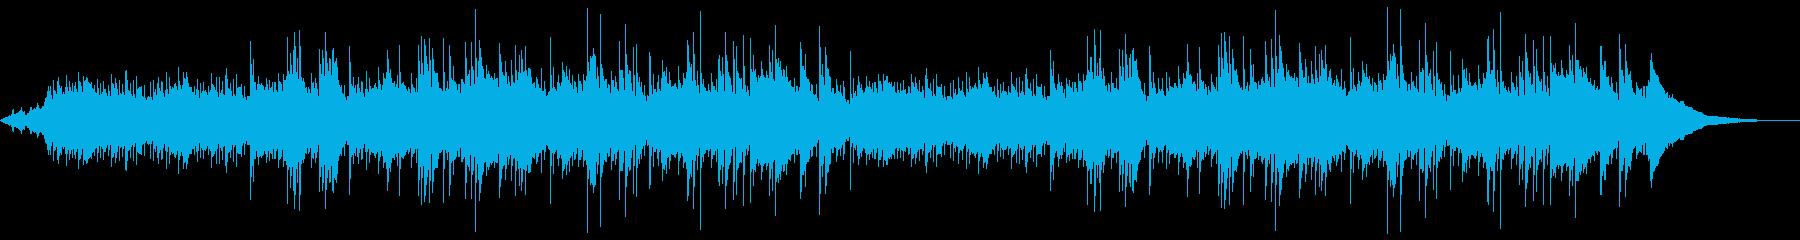 アコギのイージーリスニング系BGMの再生済みの波形